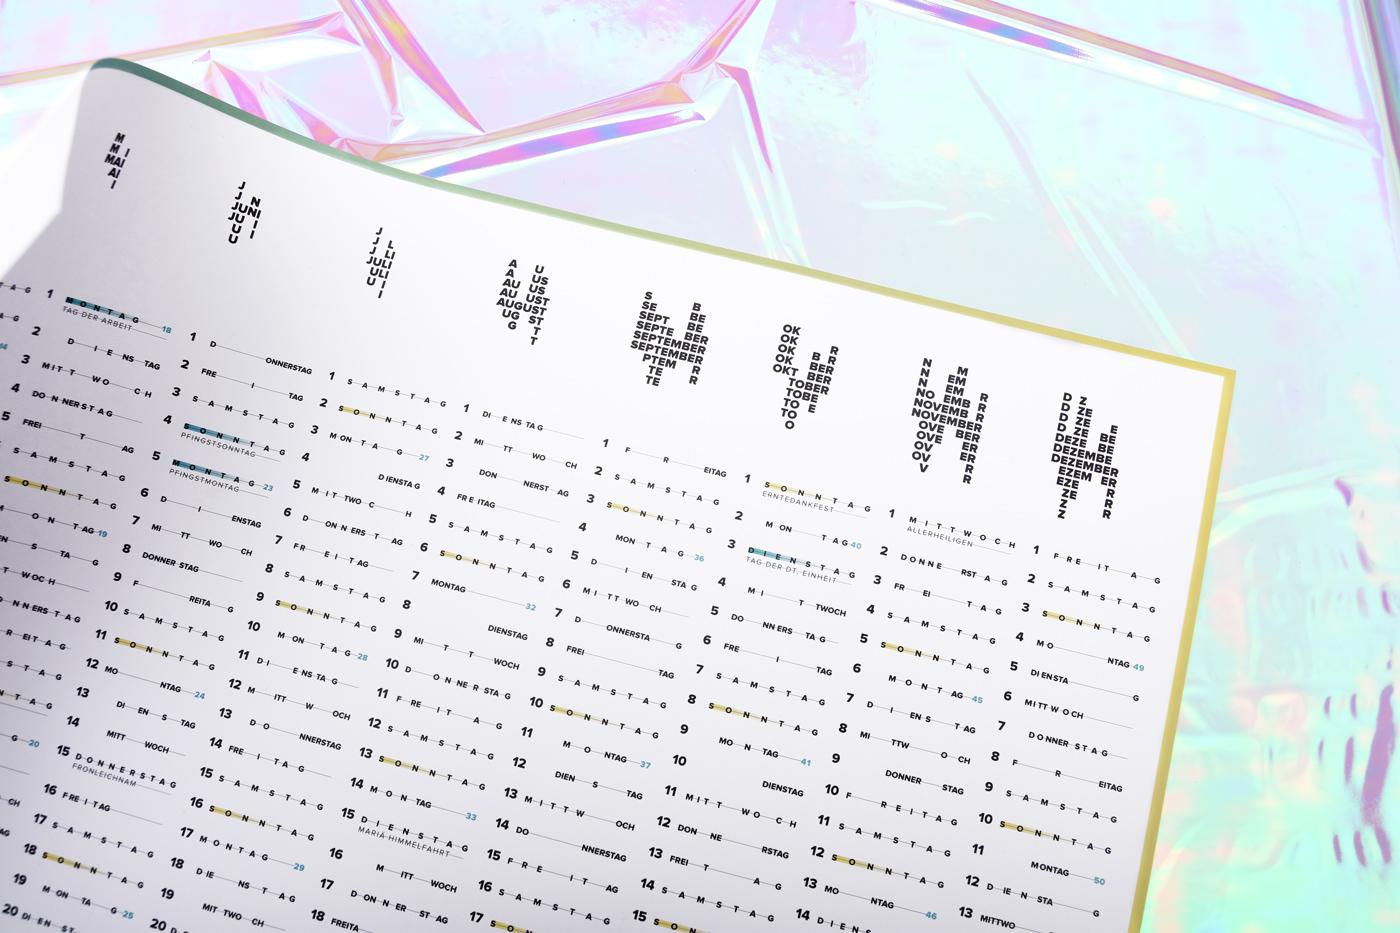 studio-pala-kalender-2016_2776-001